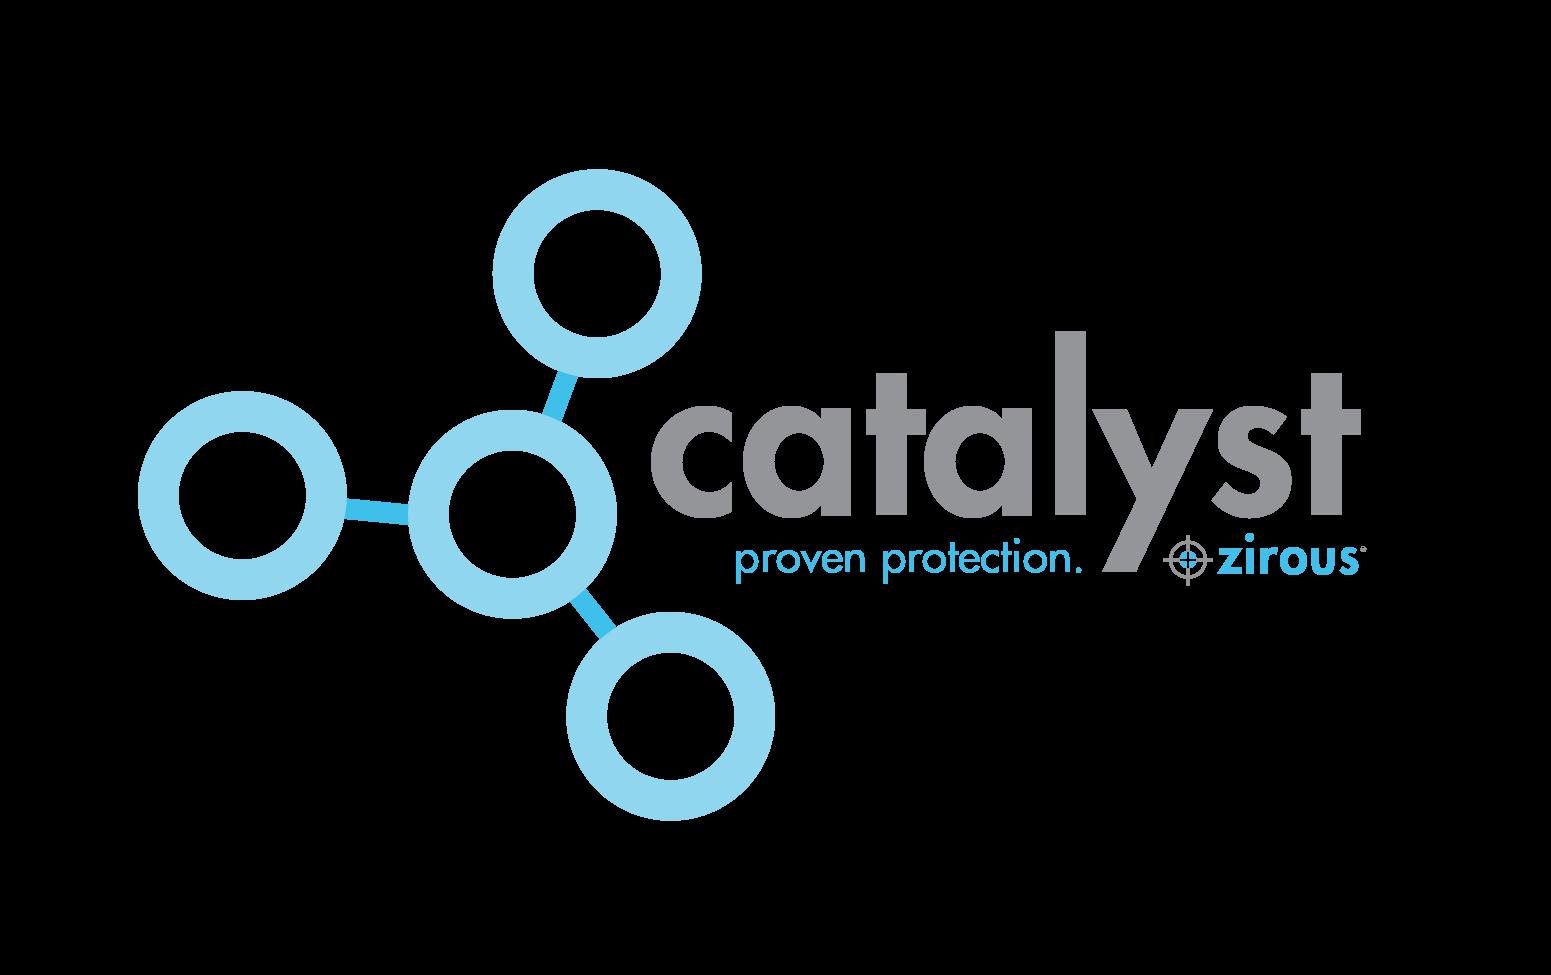 Governance Catalyst Logo